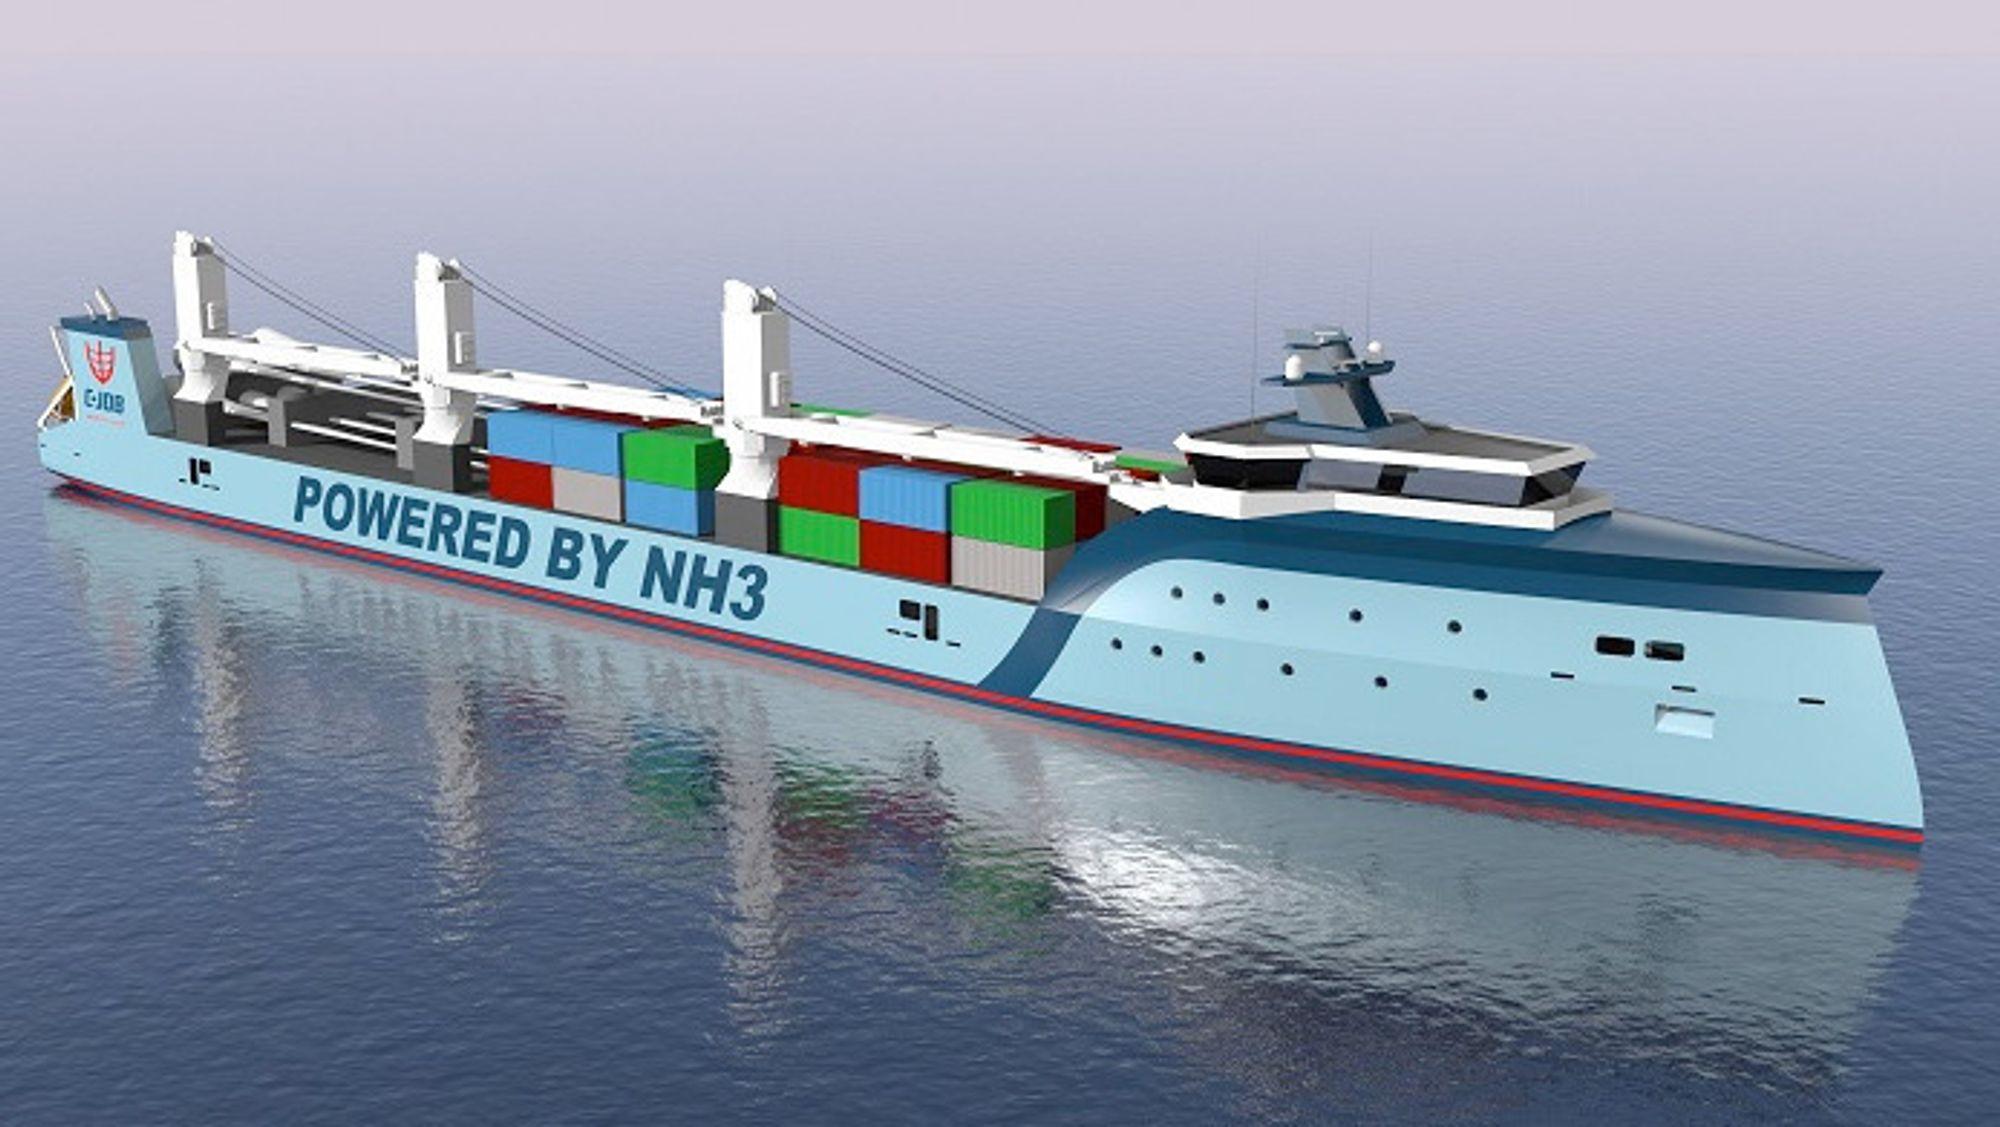 C-Job Naval Architects jobber både med å undersøke potensialet til amoniakk som skipsdrivstoff, og å utvikle et skip som skal frakte ammoniakk som drivstoff.